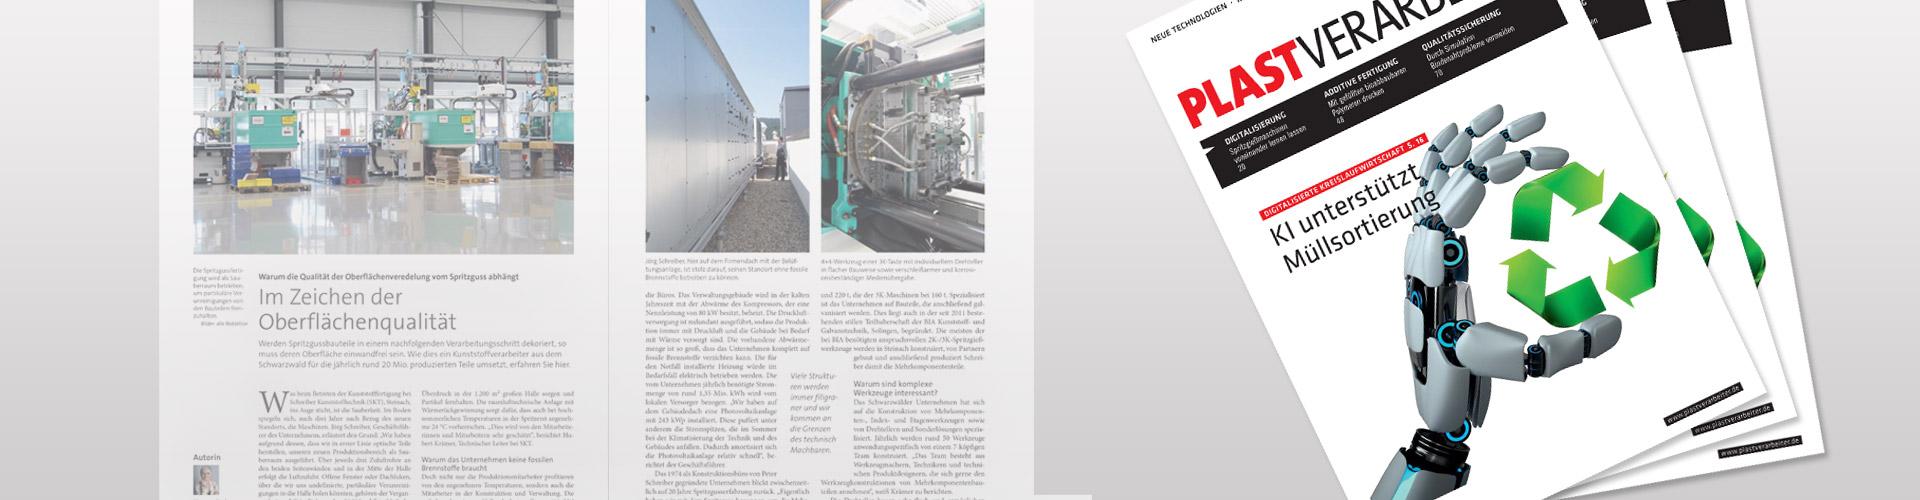 """Artikel """"Im Zeichen der Oberflächenqualität"""" über SKT Schreiber Kunststofftechnik im Magazin Plastverarbeiter"""